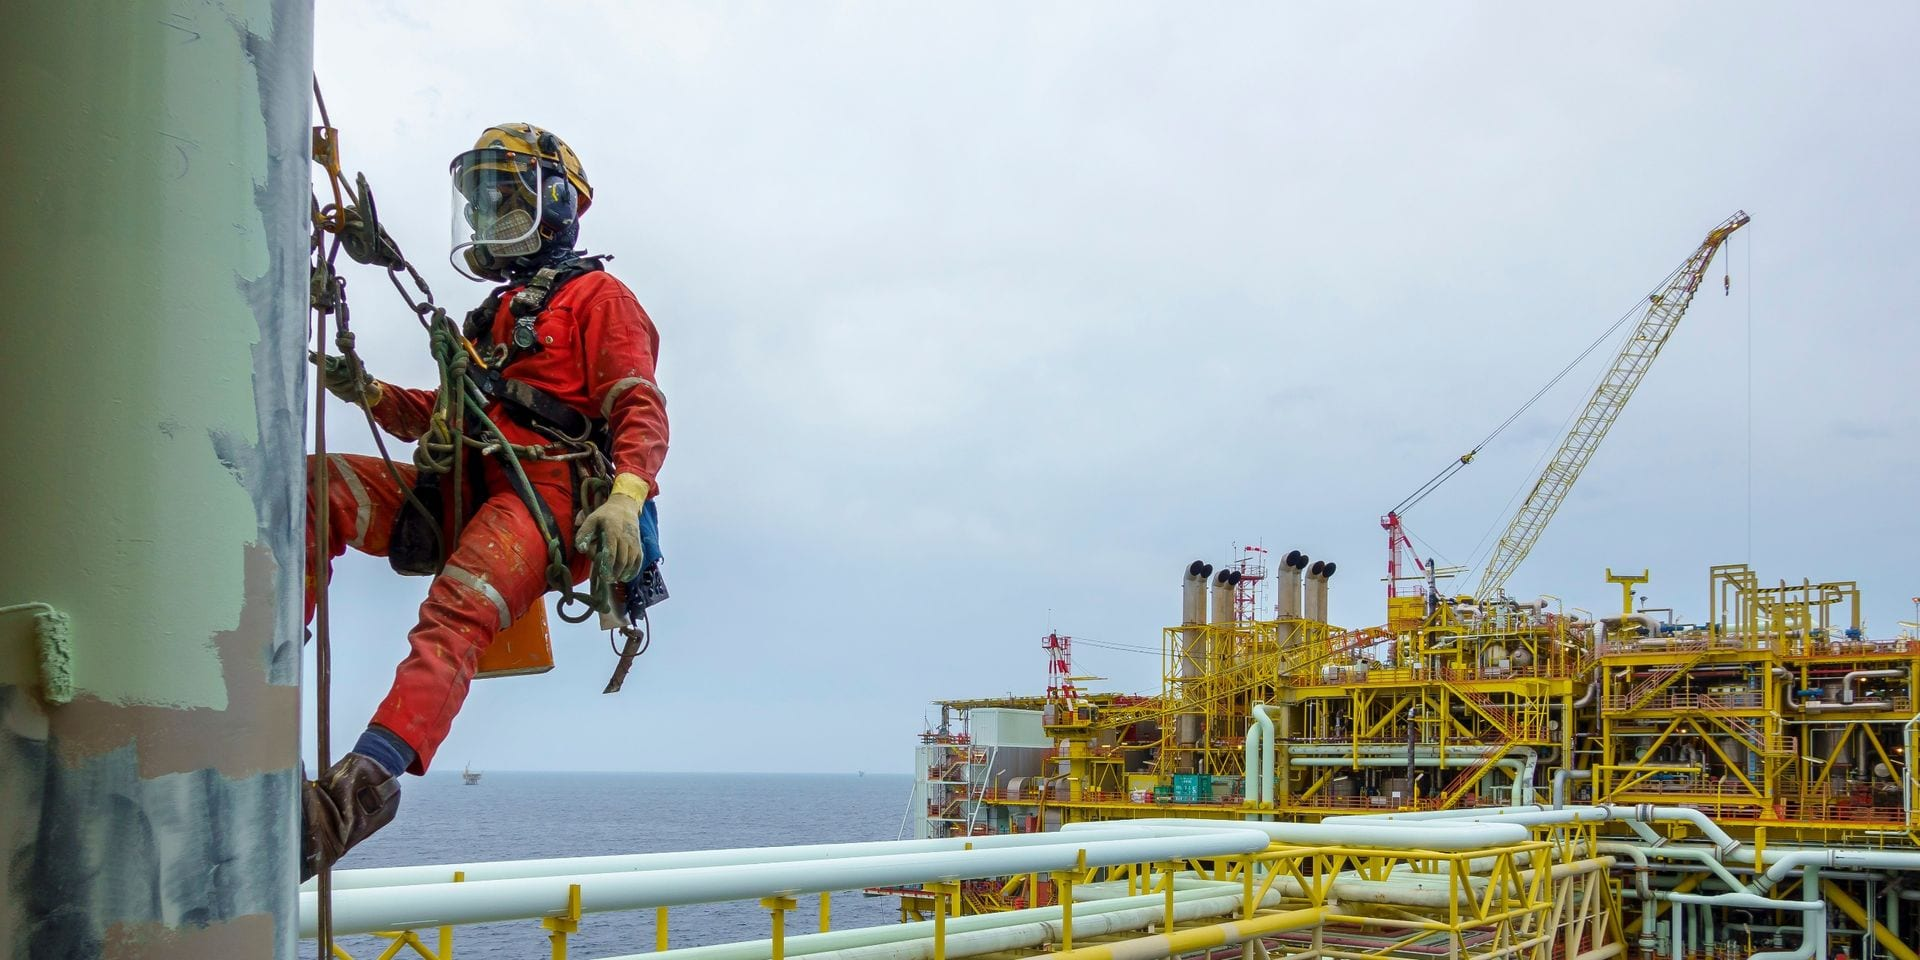 L'oléoduc victime d'une cyberattaque fonctionnera de nouveau en fin de semaine, les prix du pétrole baissent